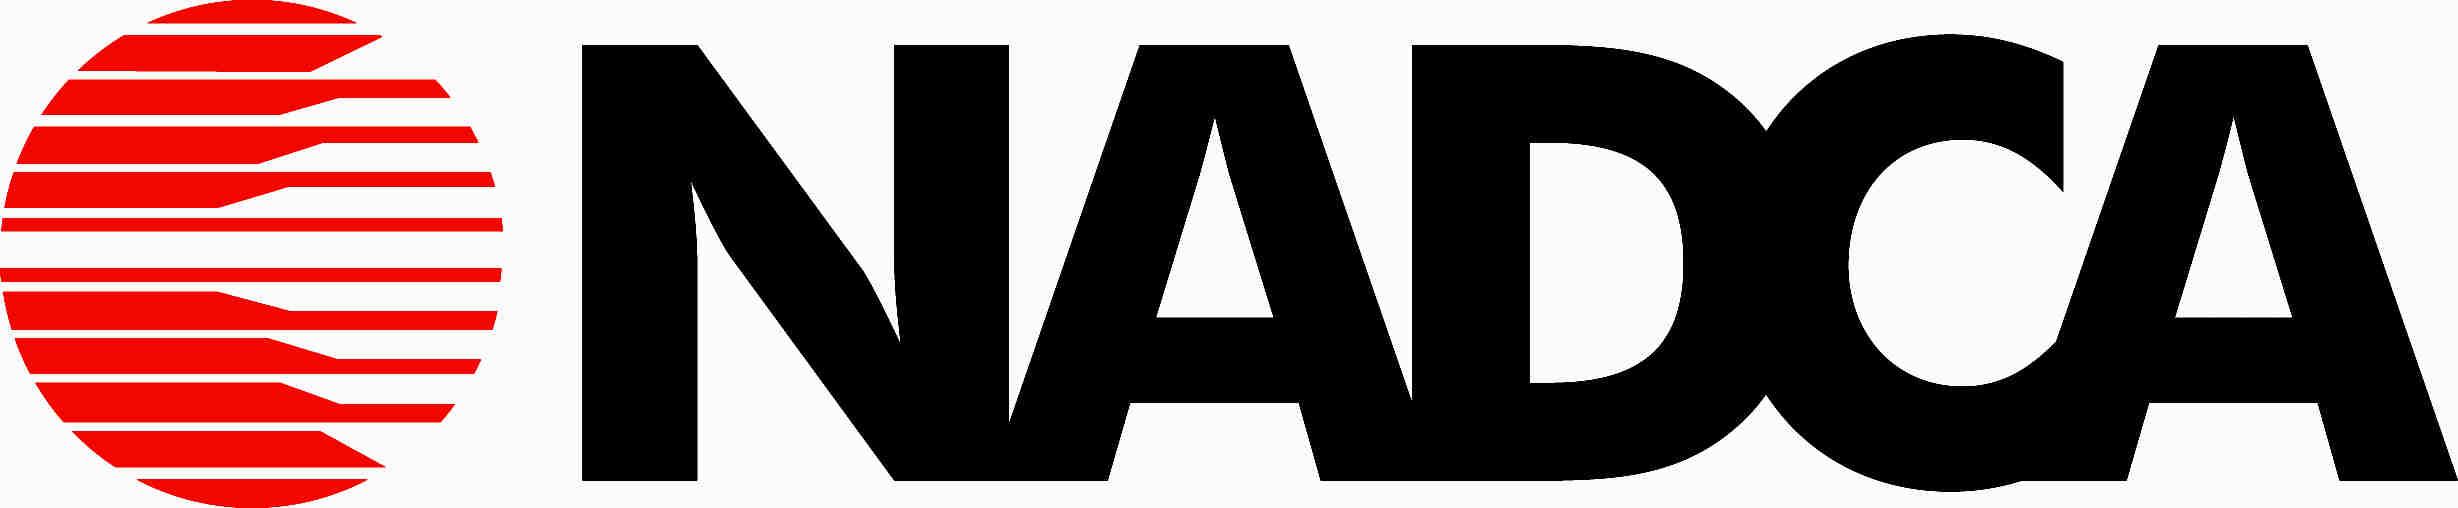 NADCA Standards - A&B Die Casting